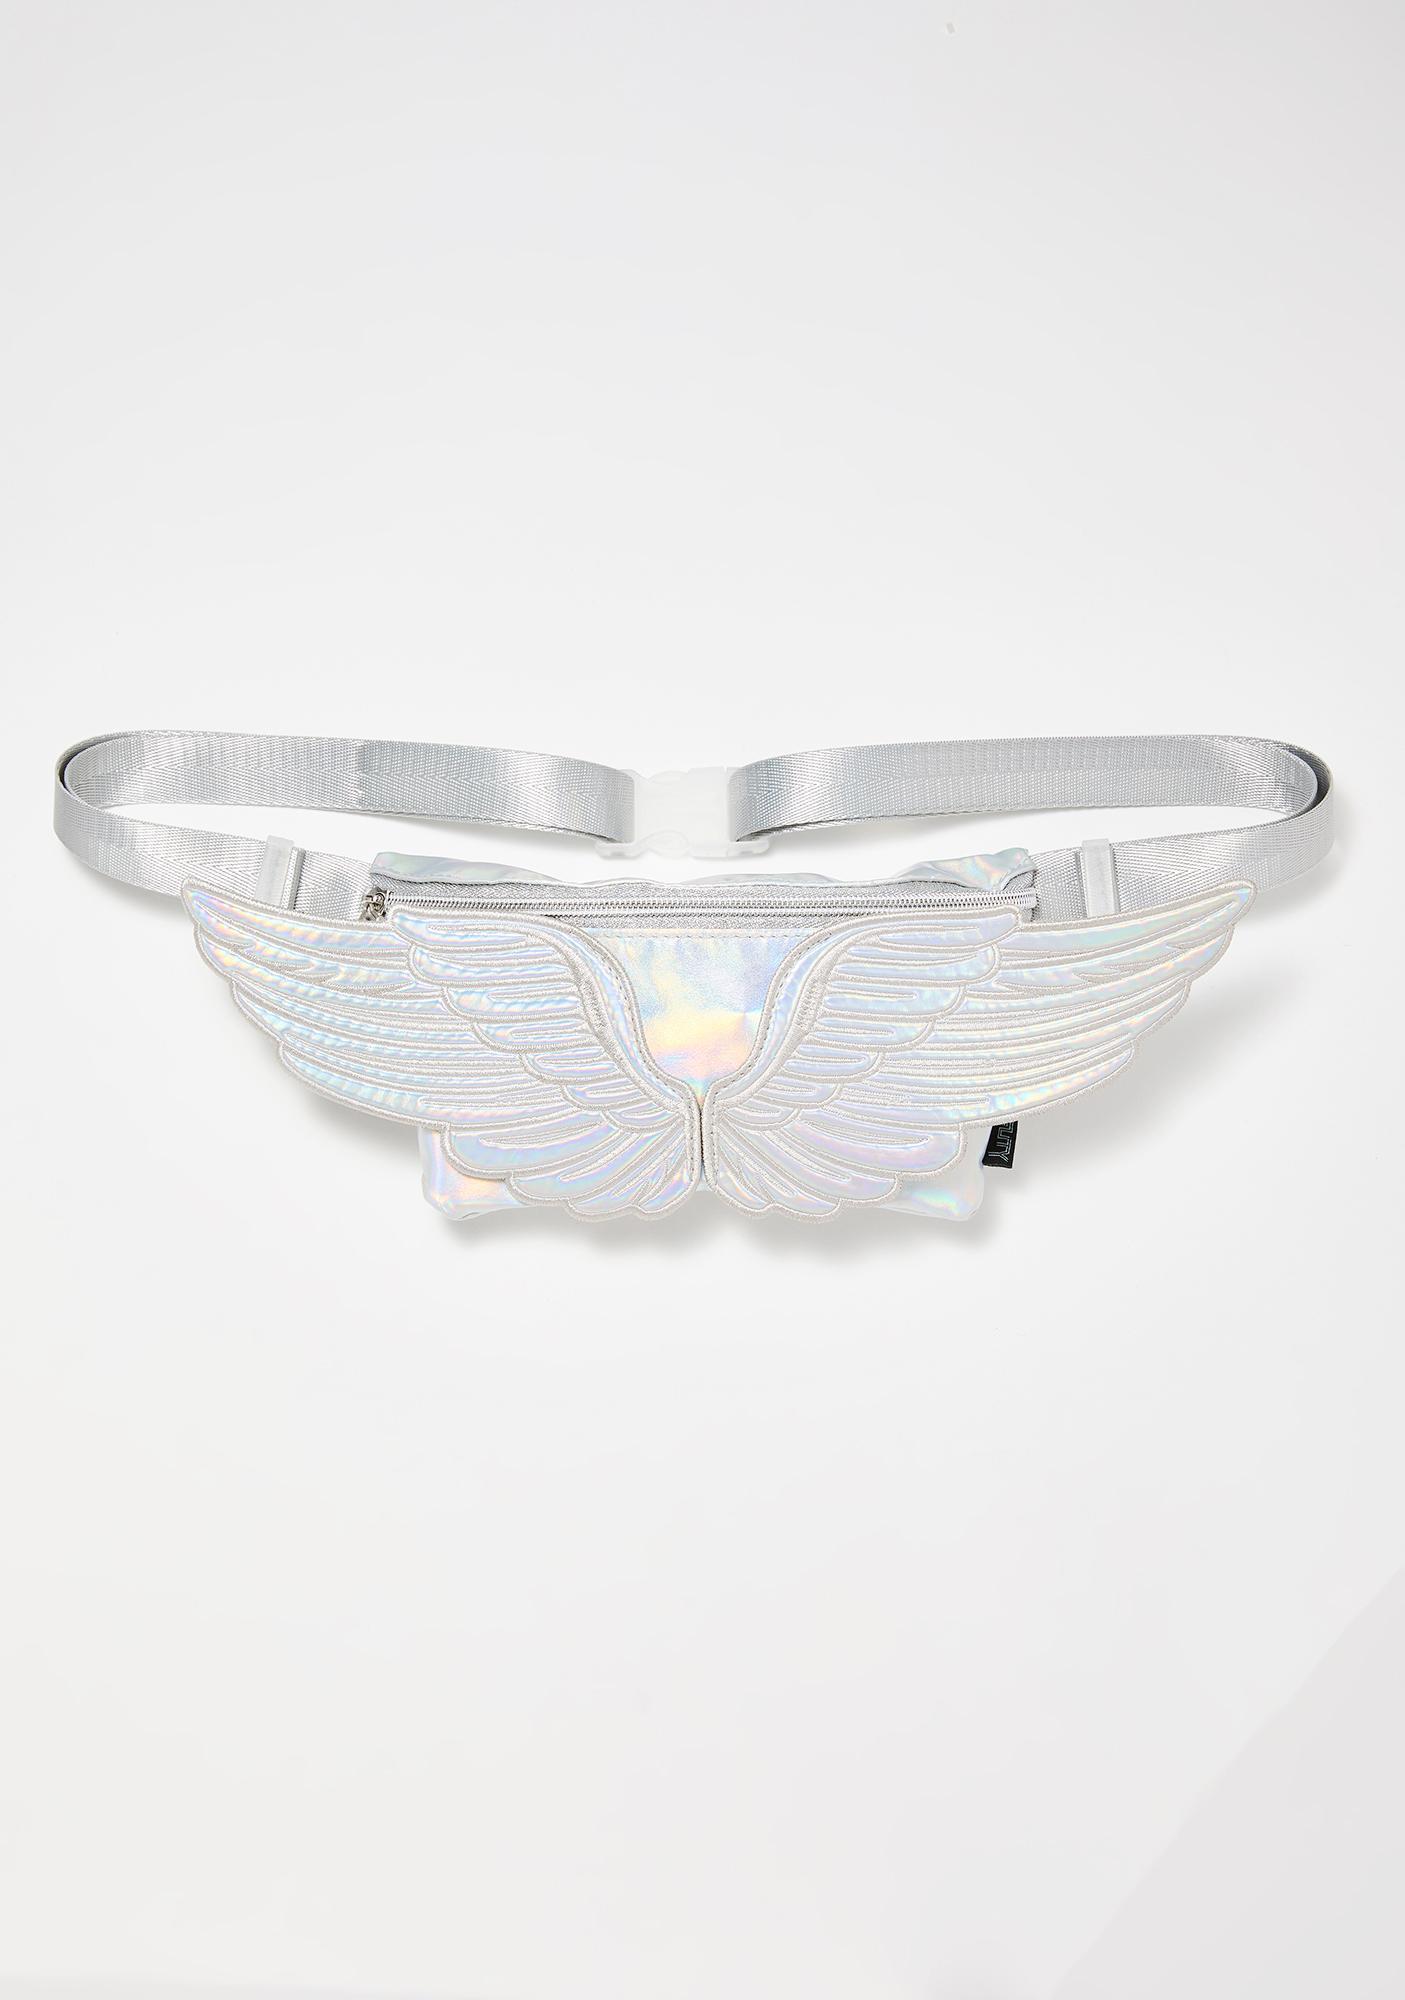 FYDELITY Wings Fanny Pack